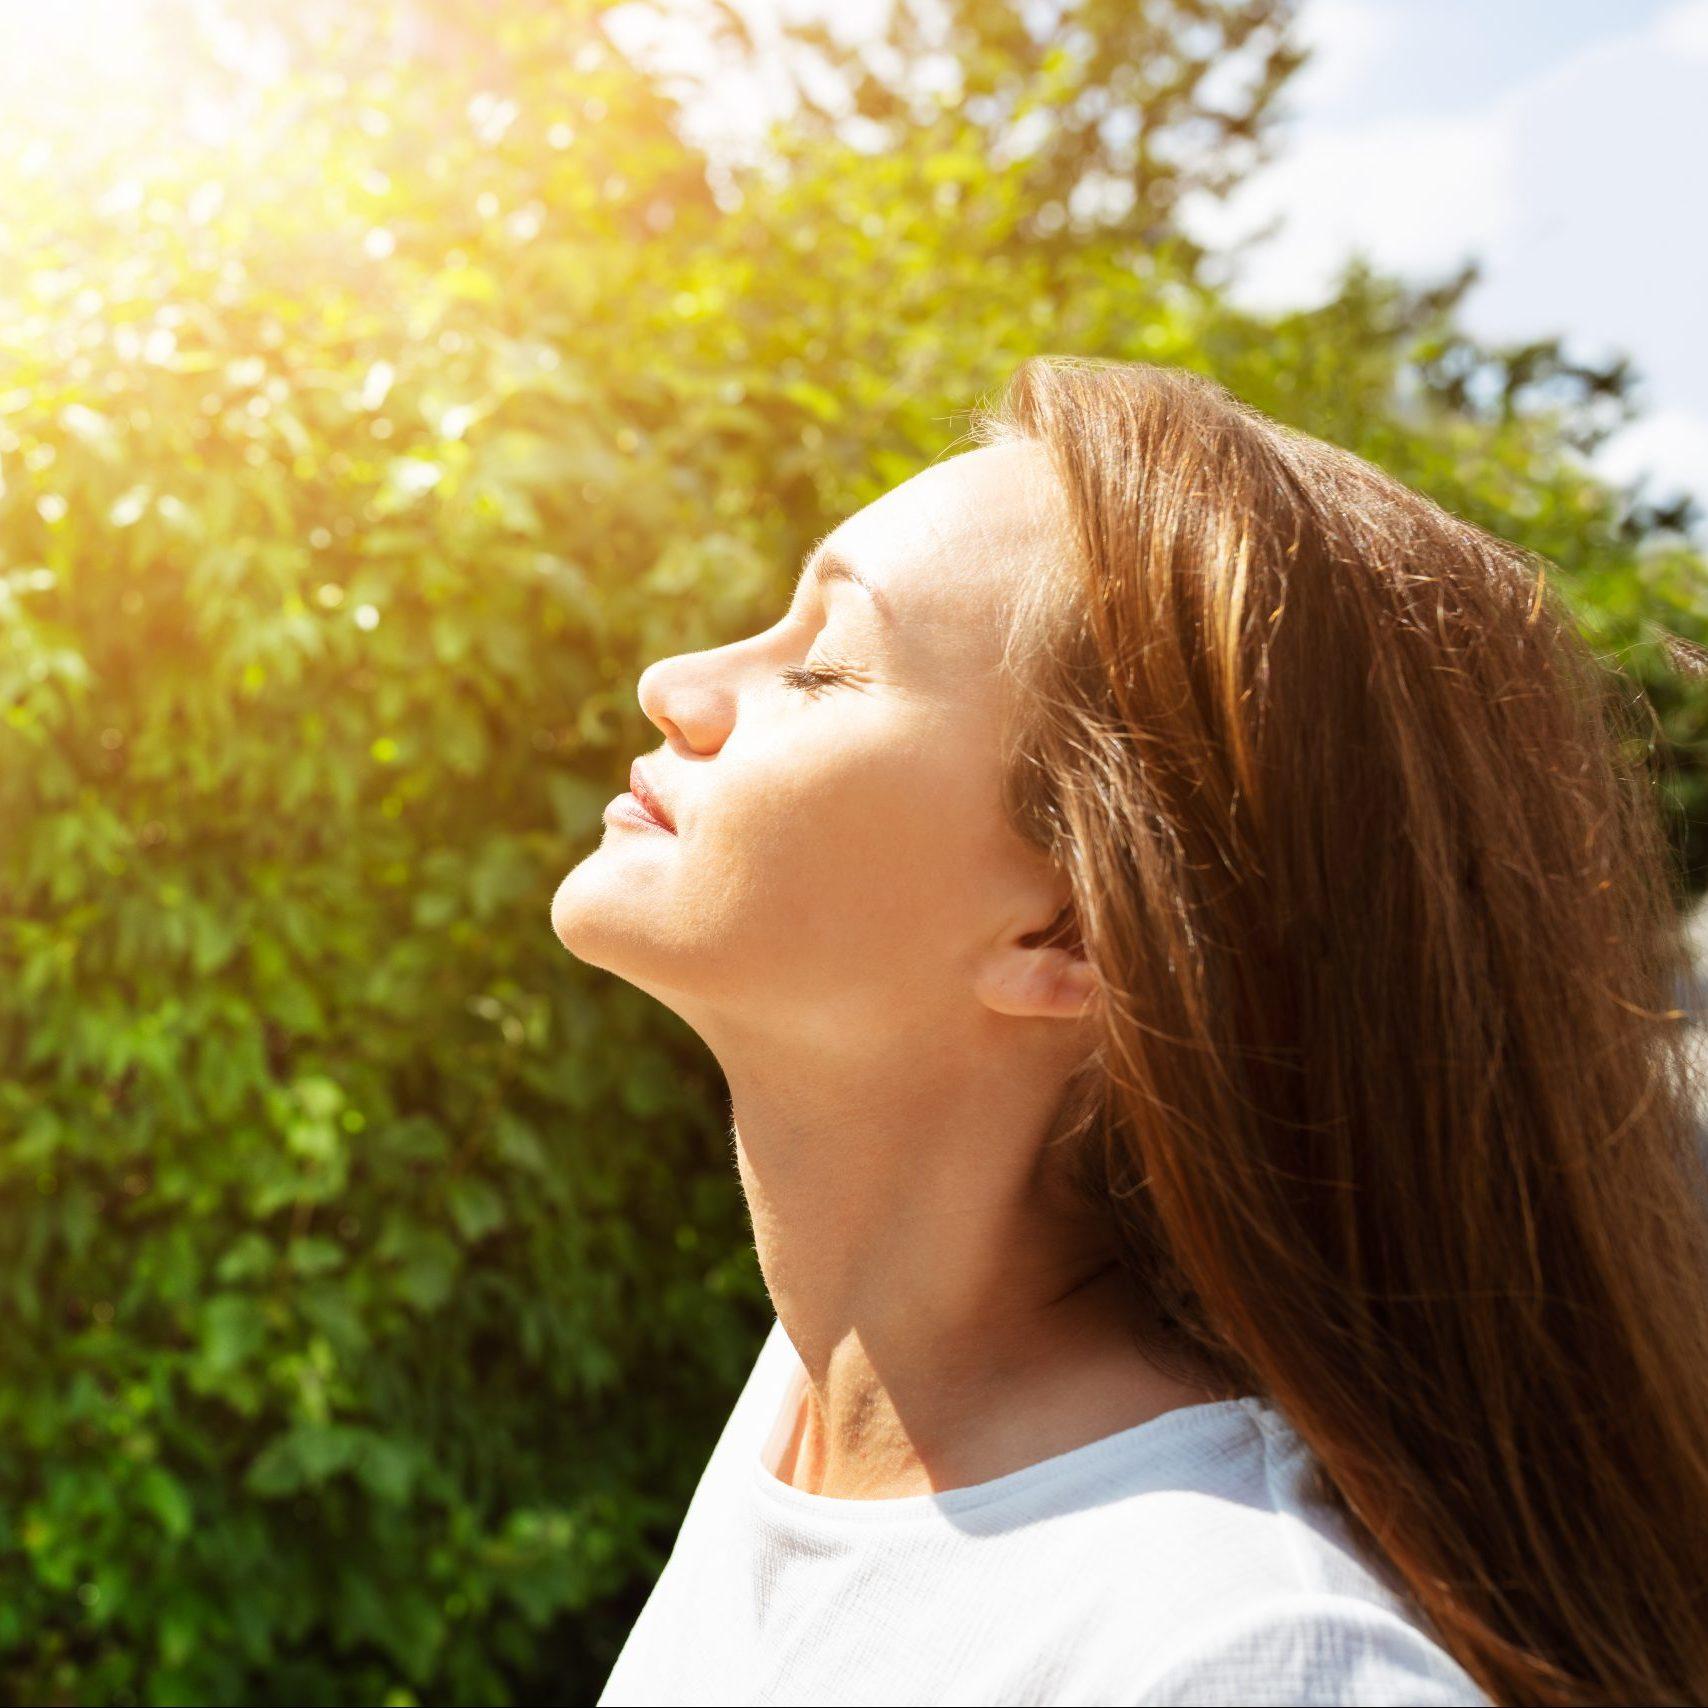 Frau steht in der Sonne vor einem Busch